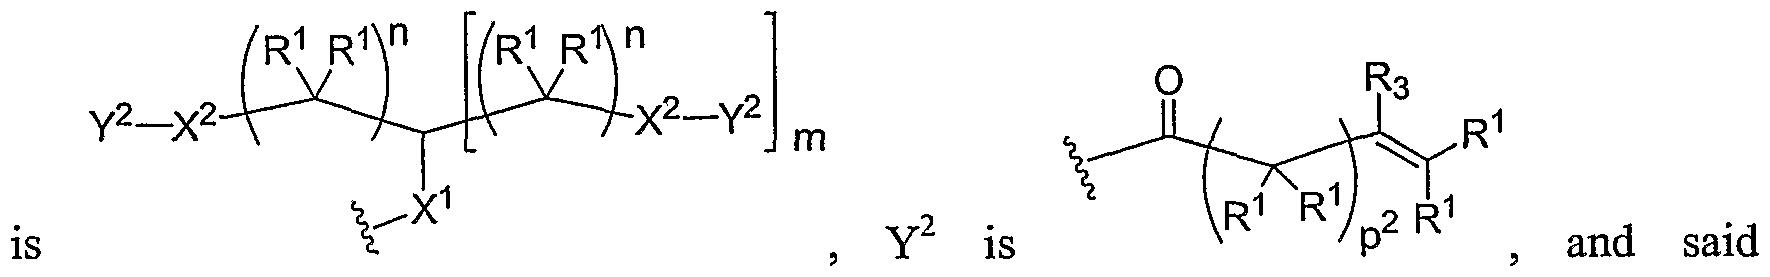 Figure imgf000165_0006